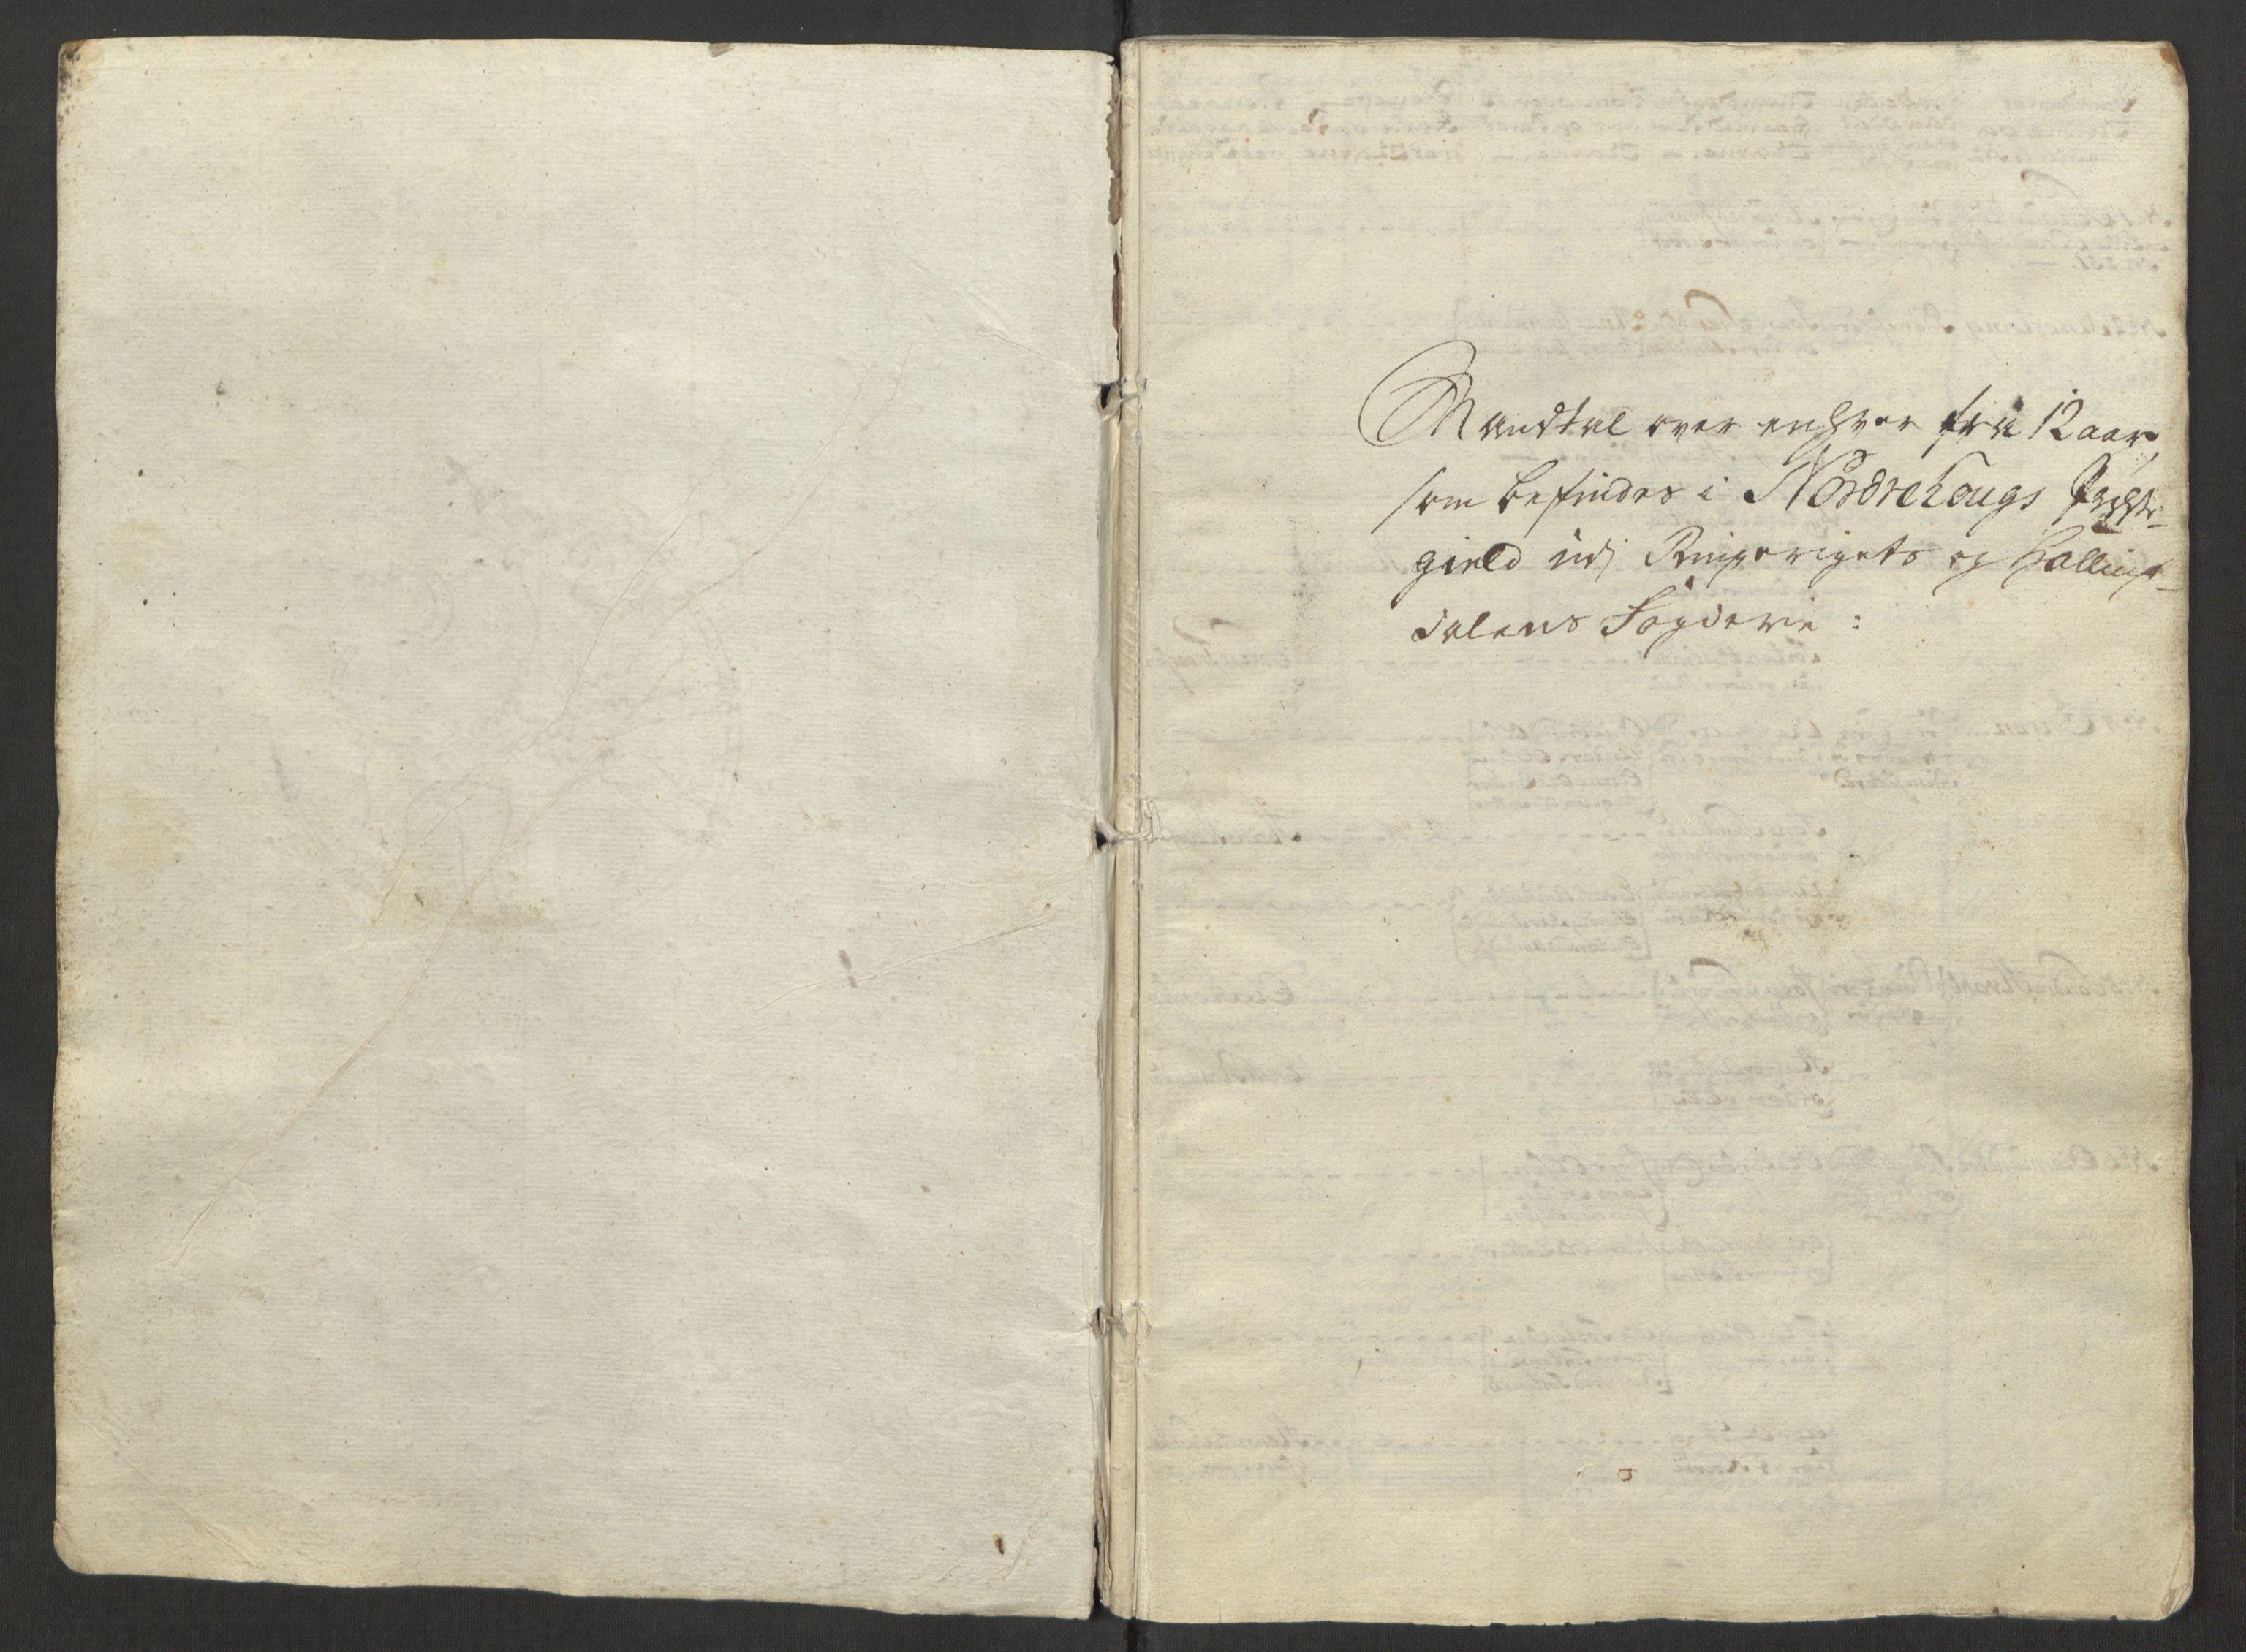 RA, Rentekammeret inntil 1814, Reviderte regnskaper, Fogderegnskap, R23/L1565: Ekstraskatten Ringerike og Hallingdal, 1762-1763, s. 194